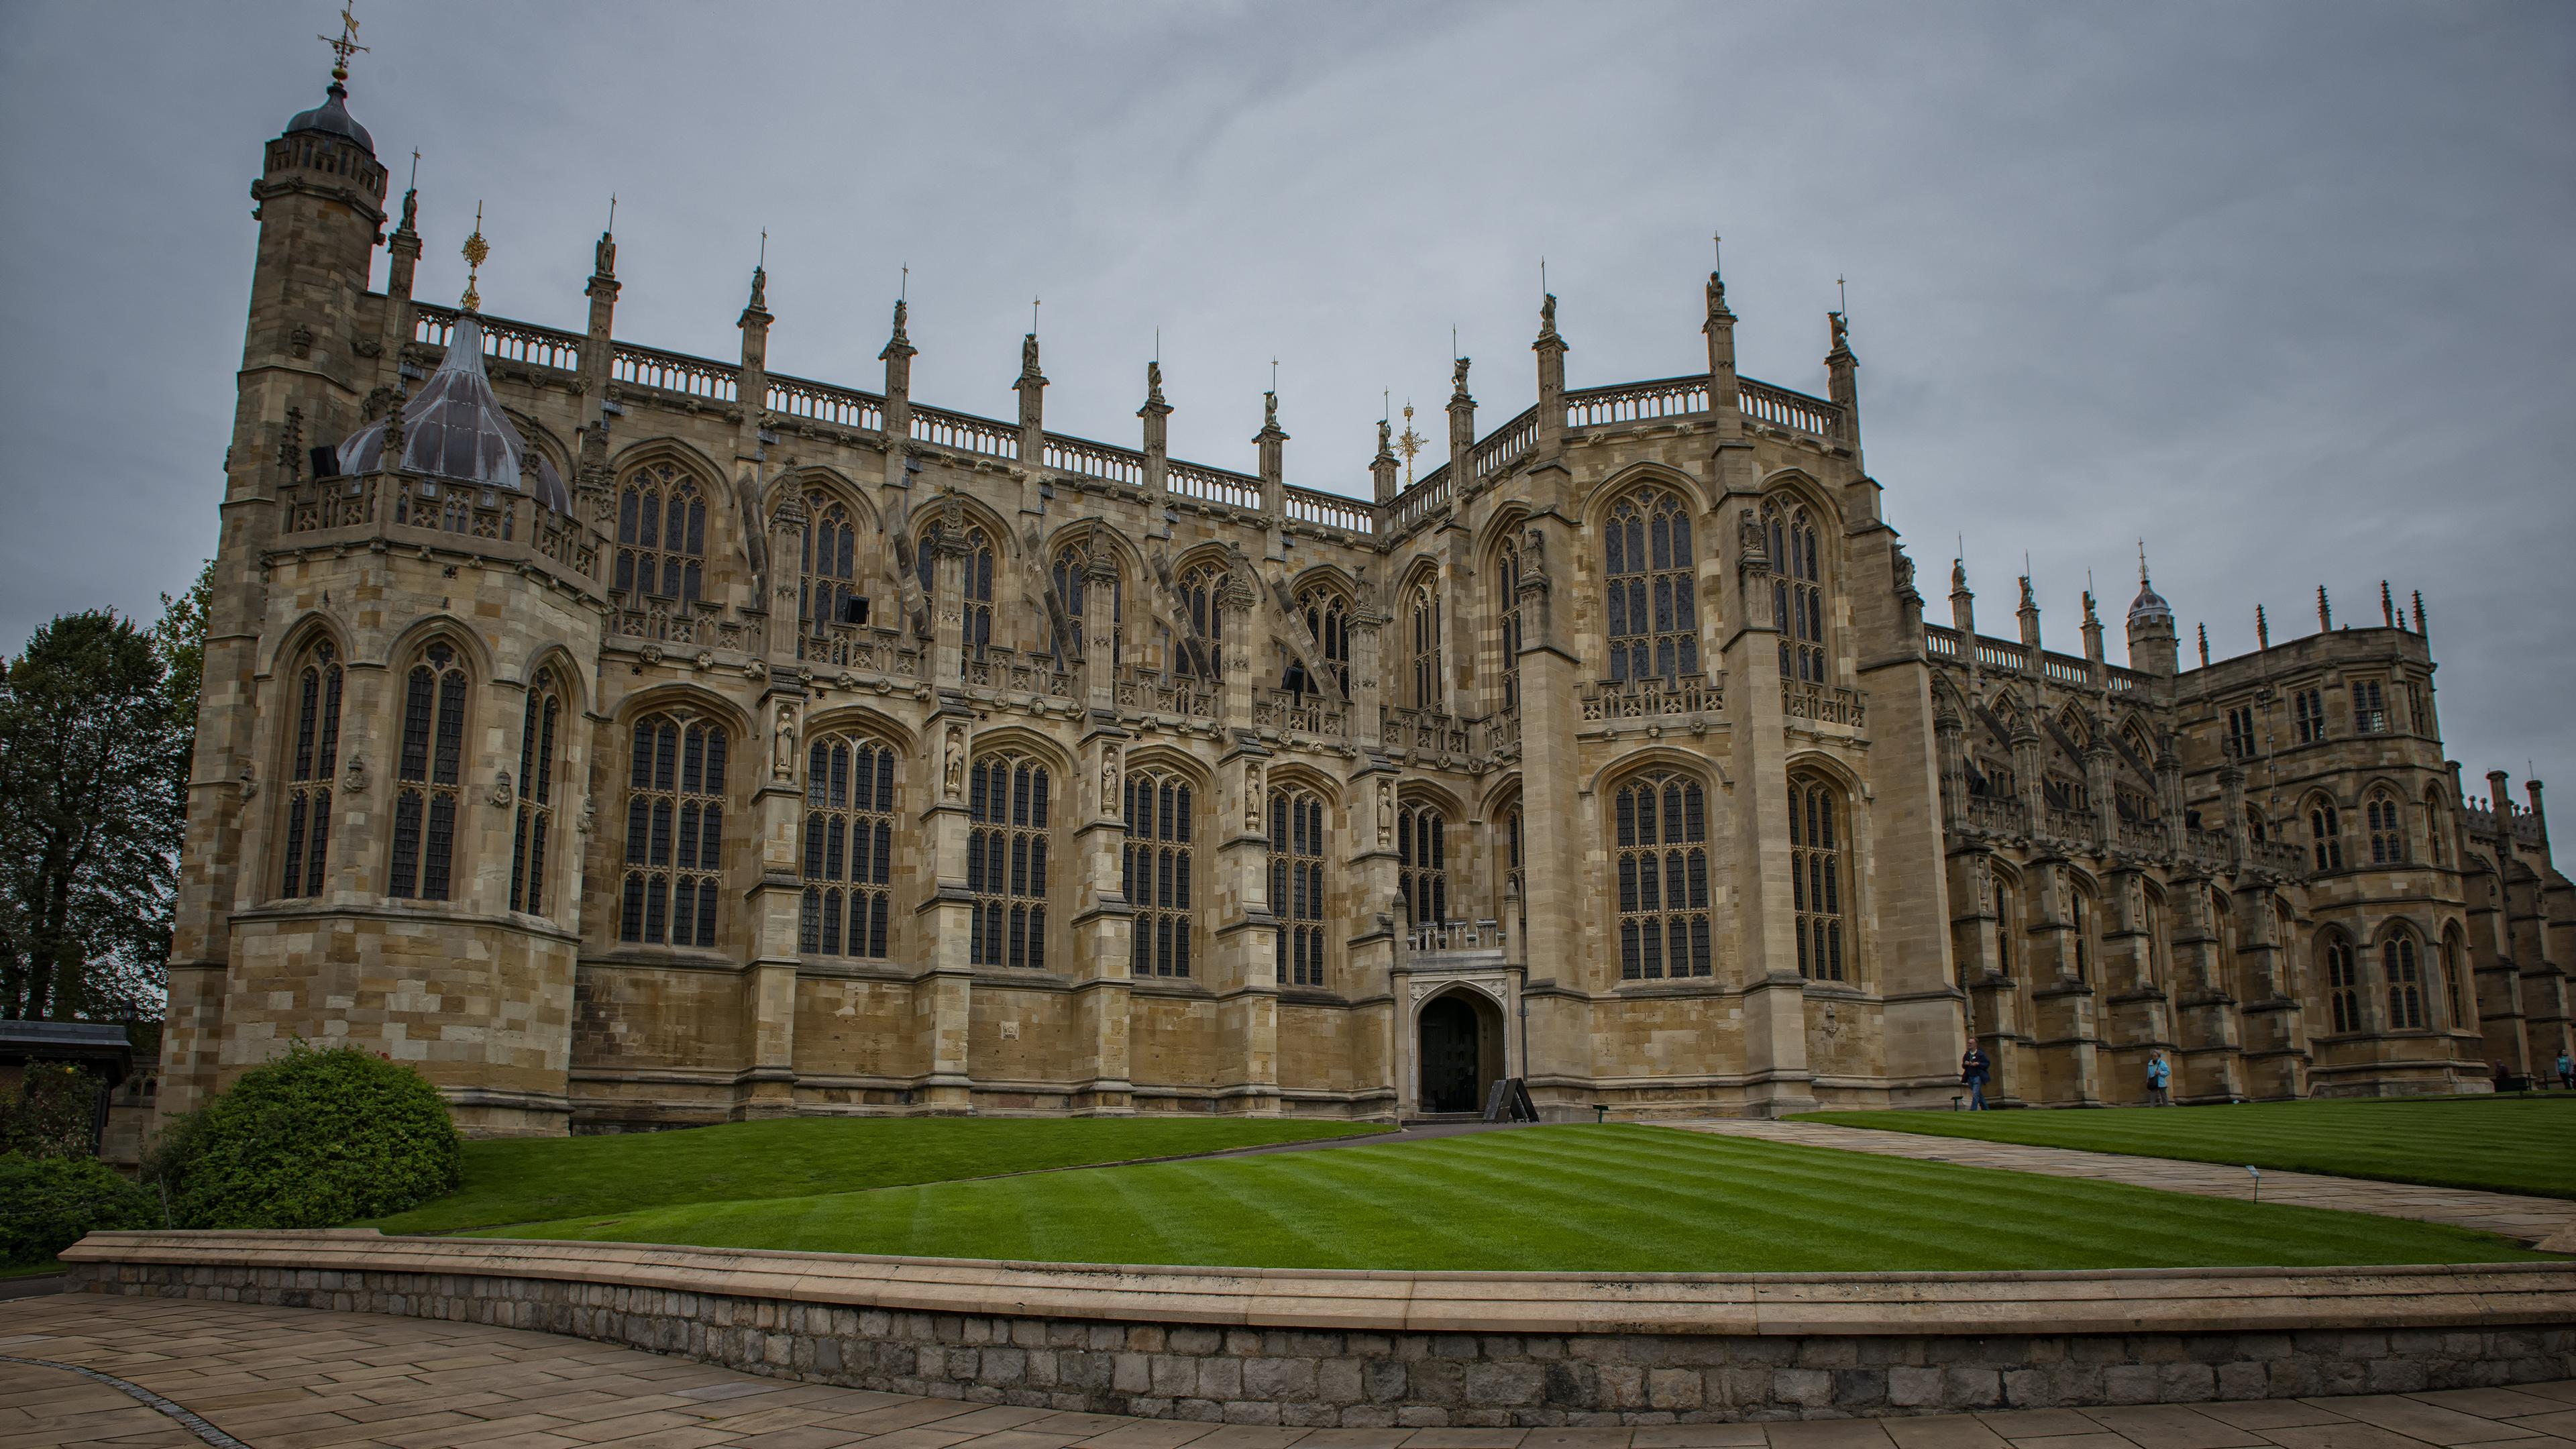 Saint George's Chapel at Windsor Castle